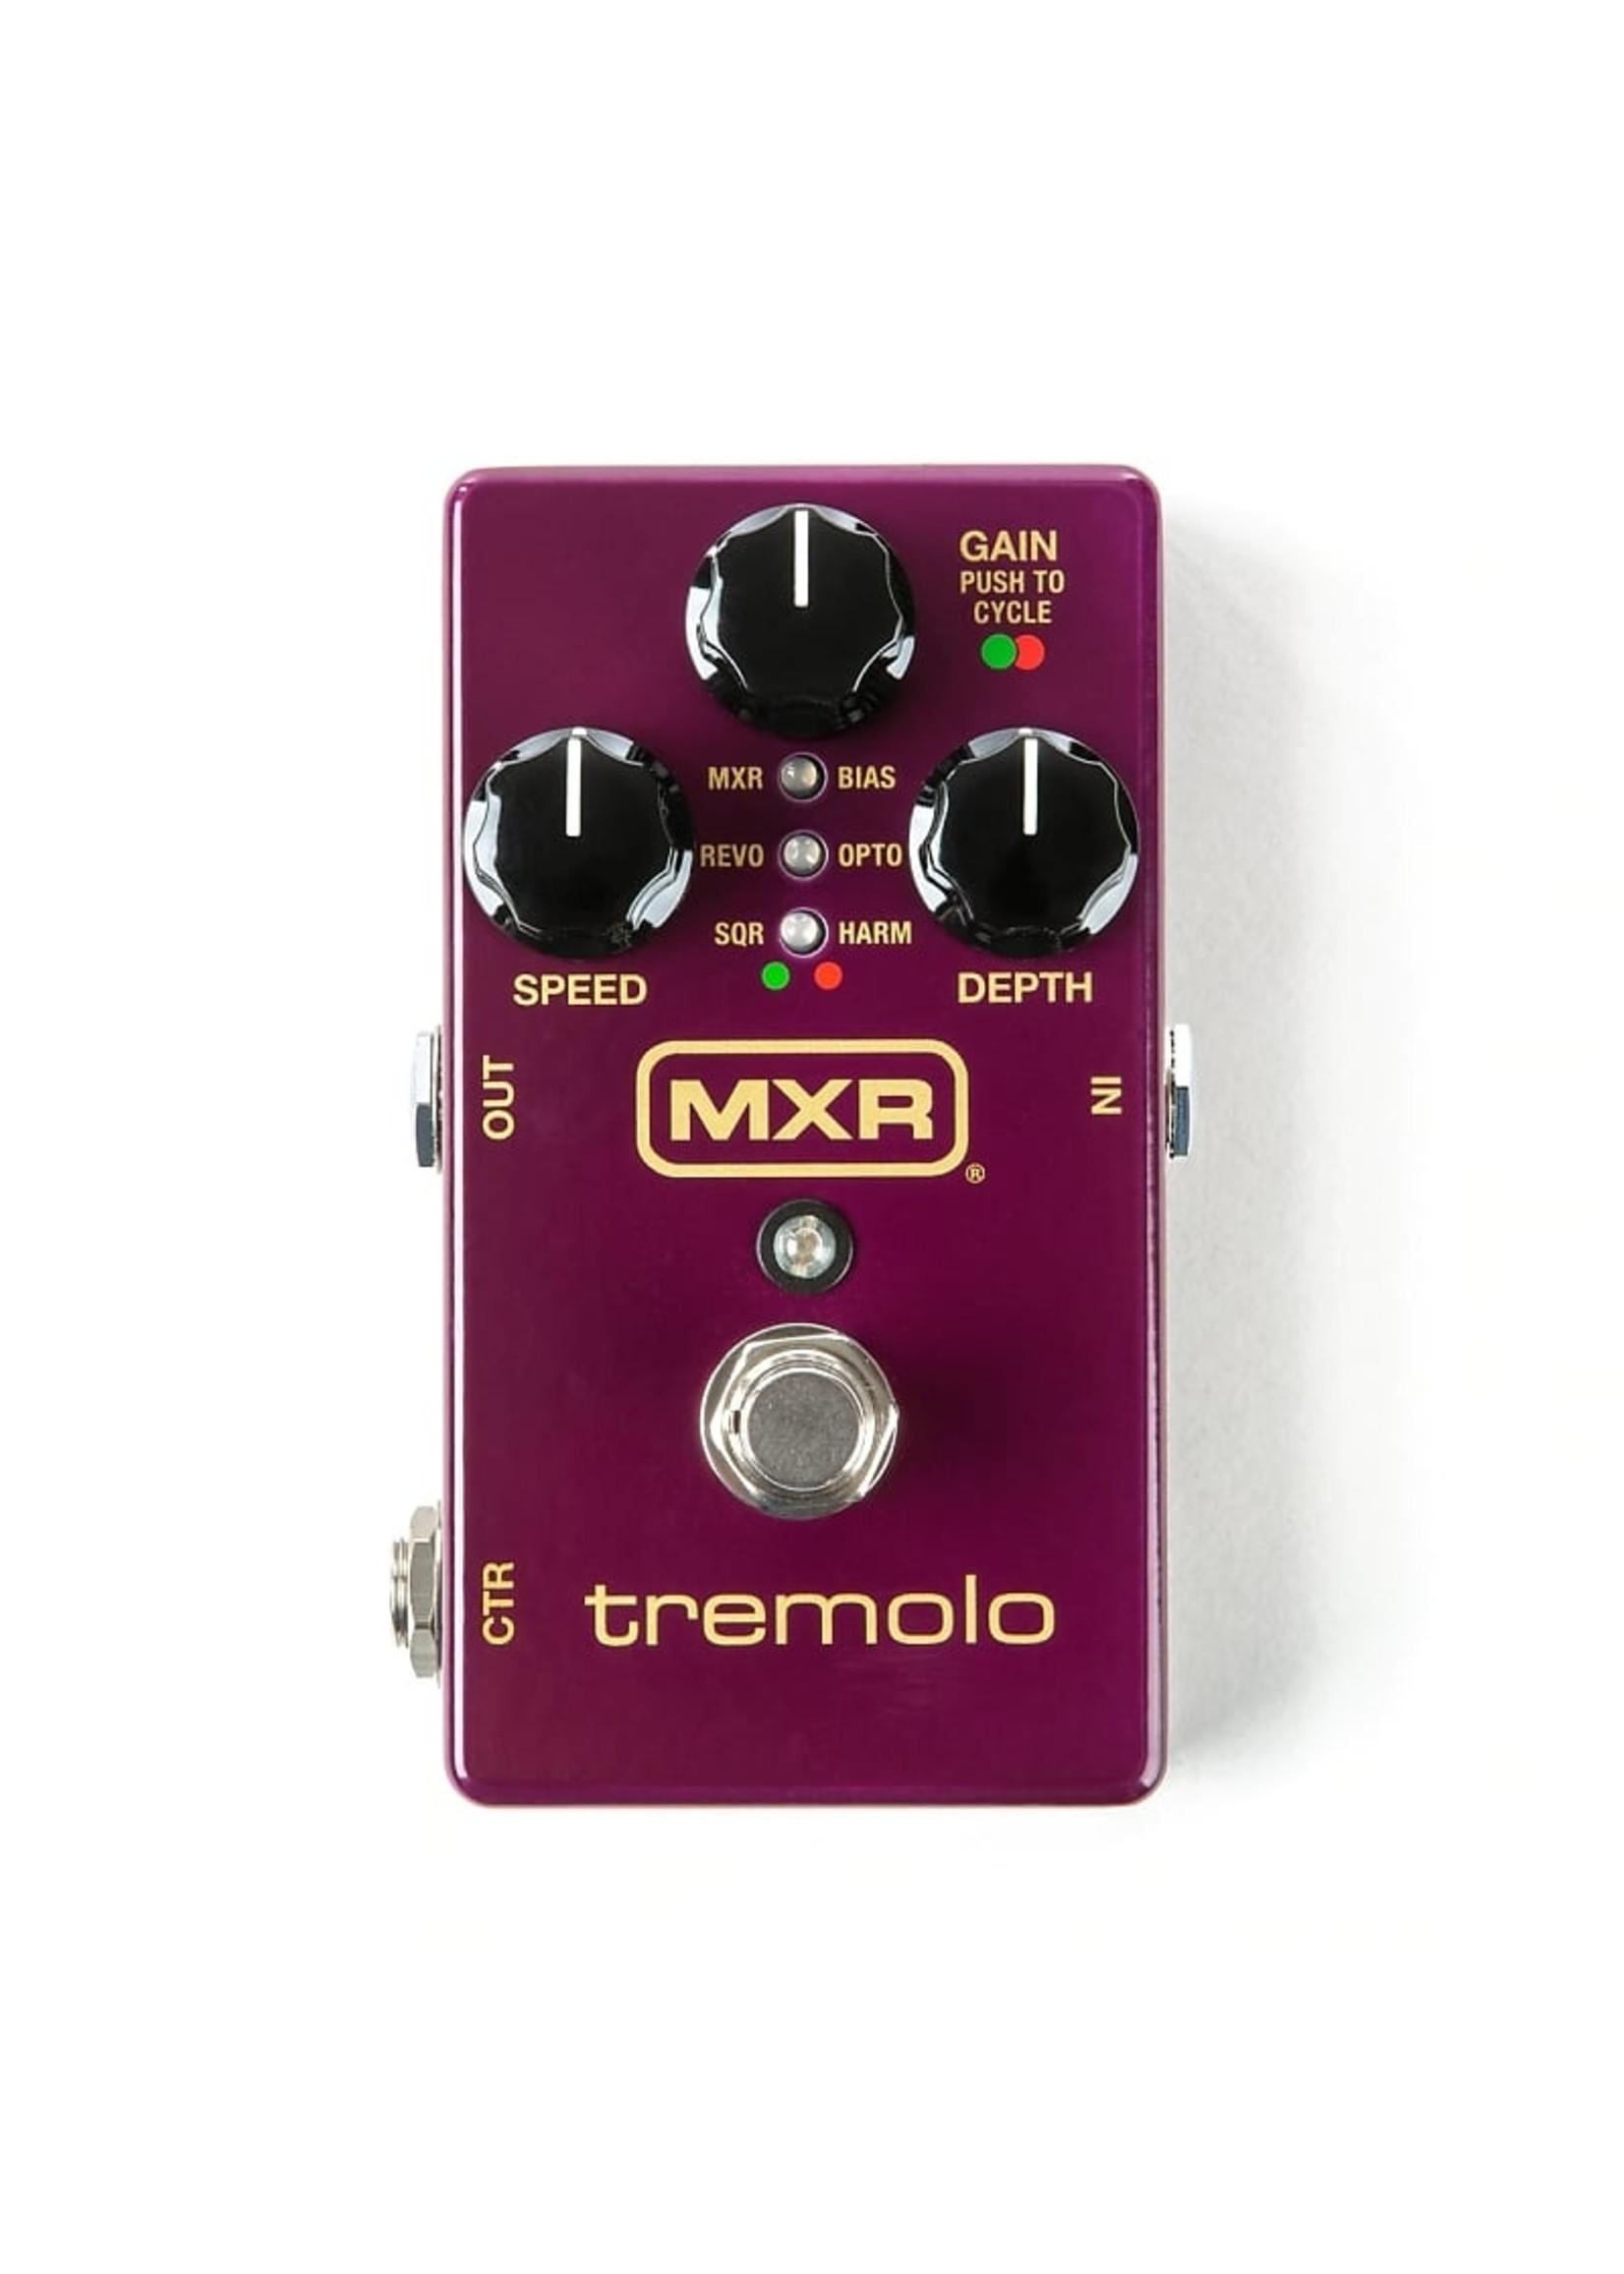 MXR MXR M305 Tremolo Pedal